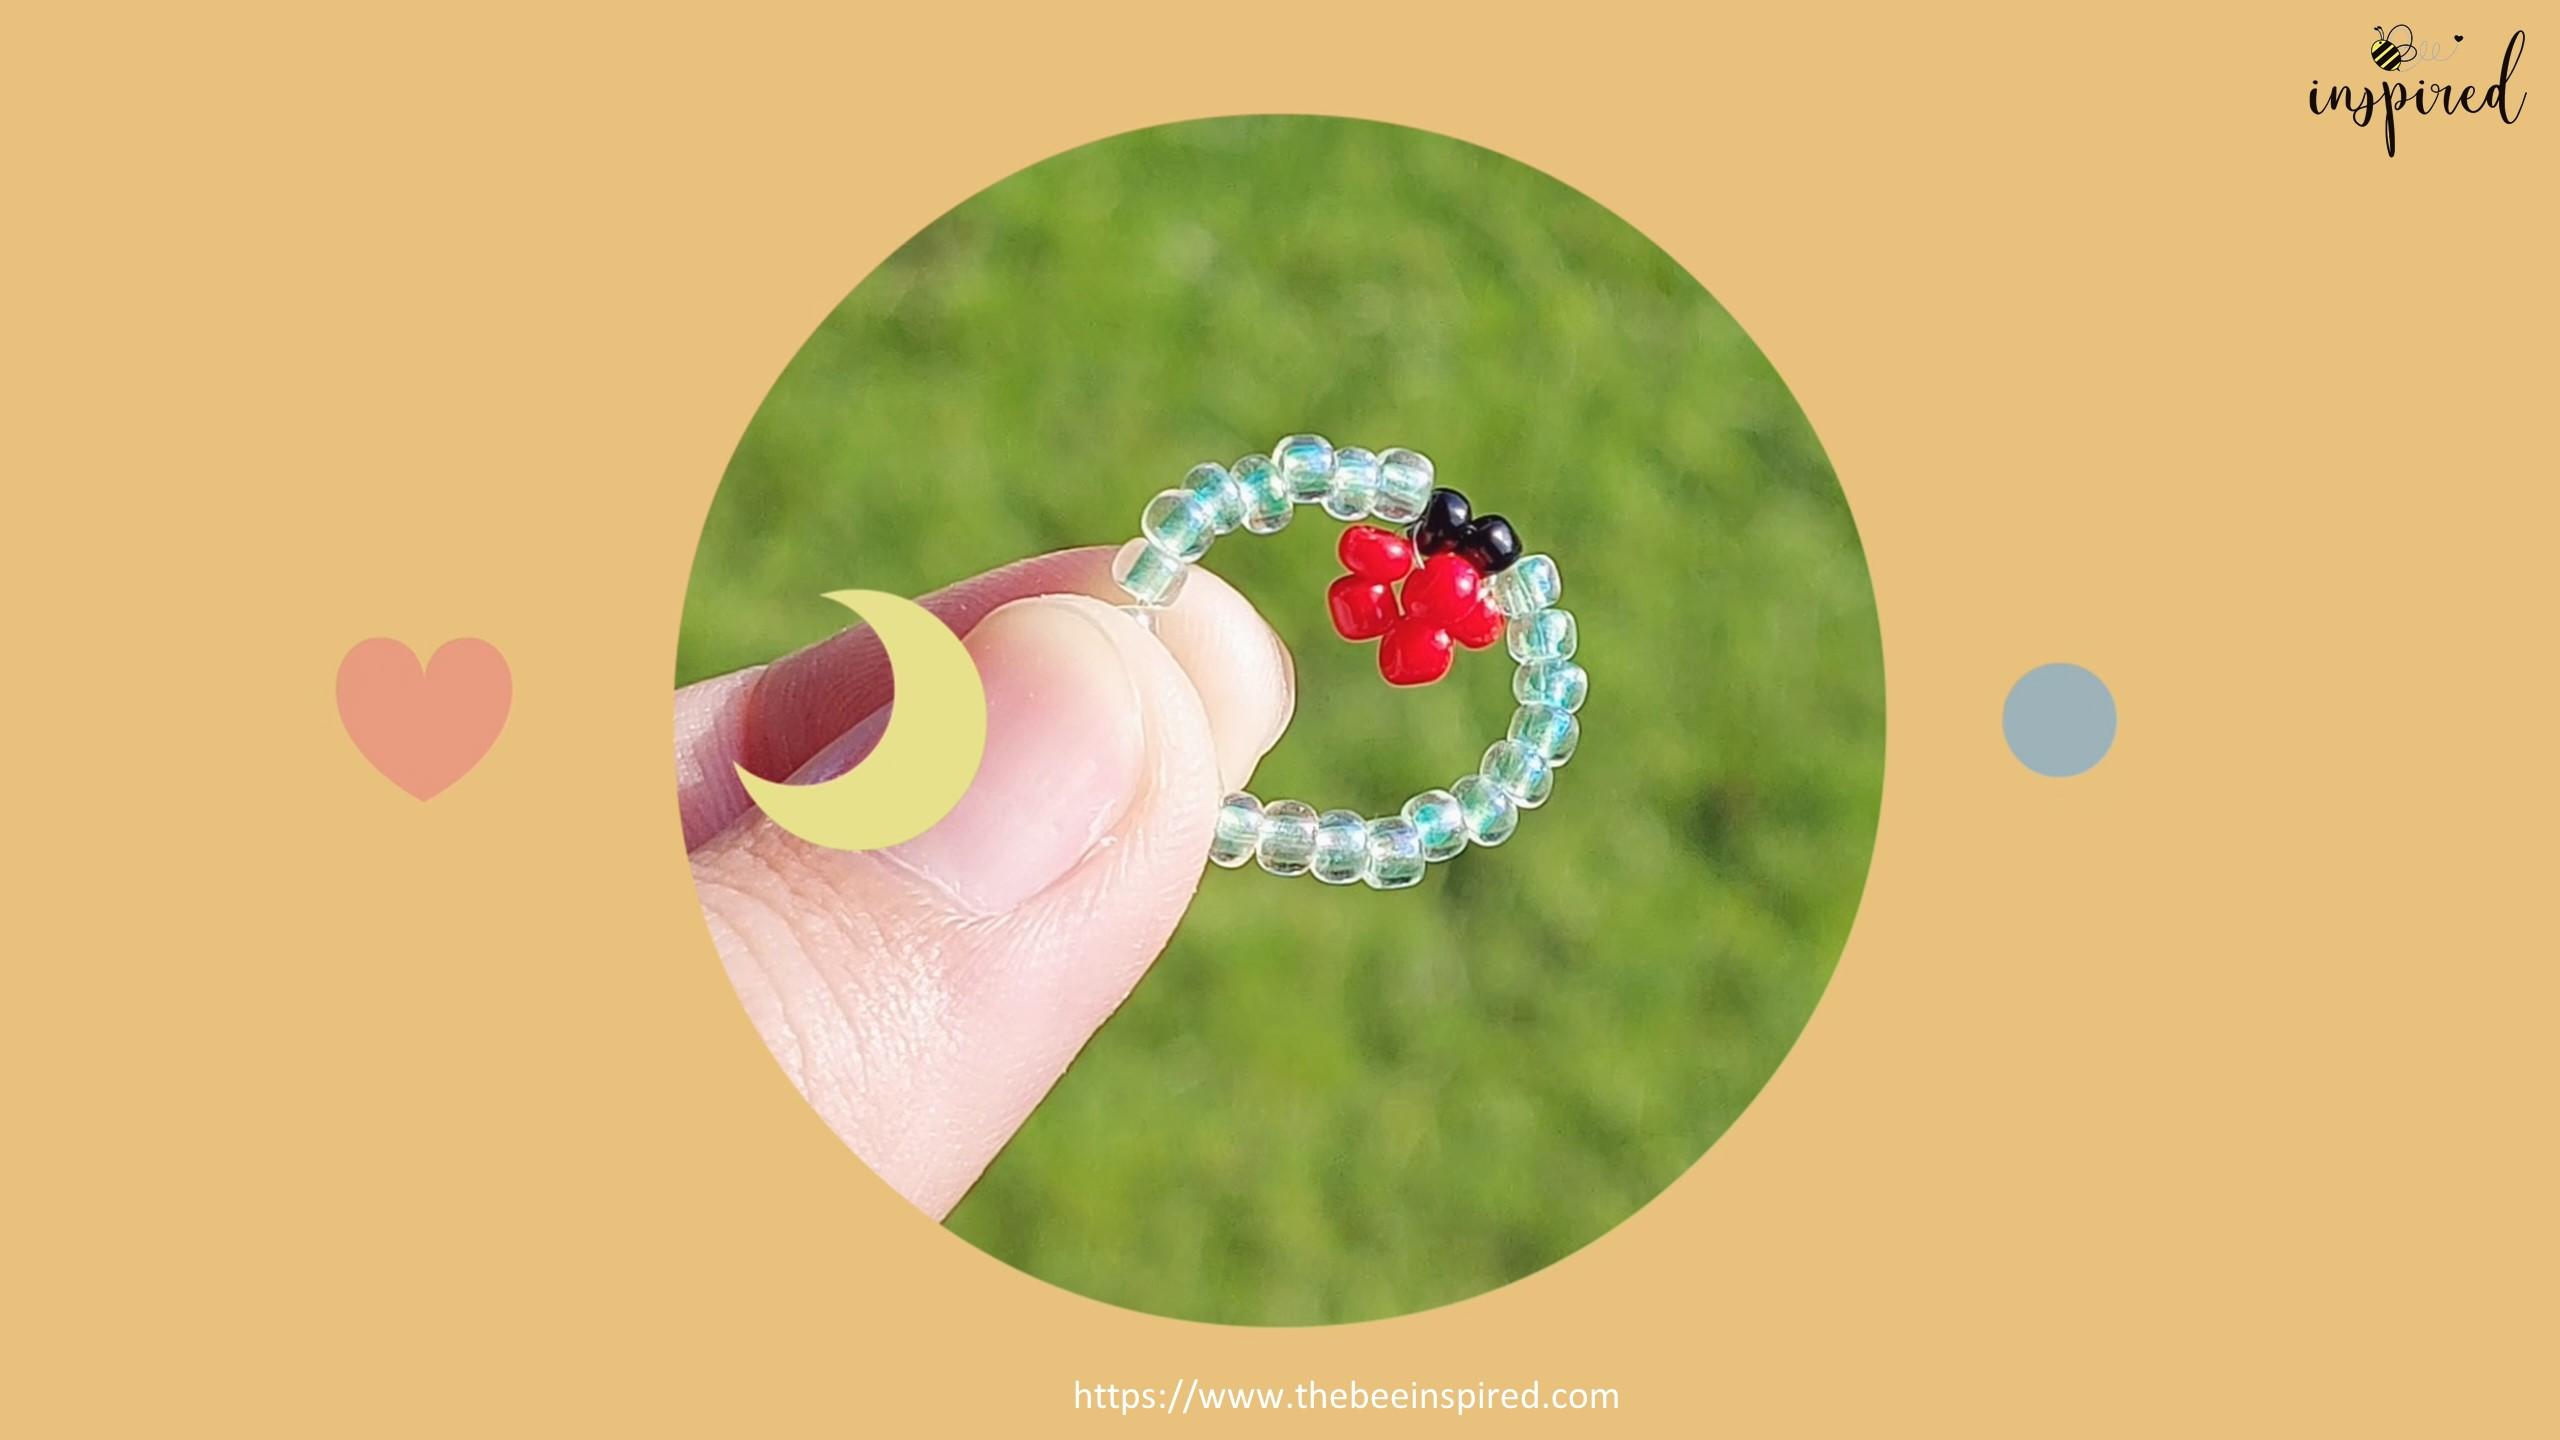 วิธีร้อยแหวนลูกปัดเต่าทอง ง่ายๆ สไตล์เกาหลี - How to Make Ladybug Beaded Ring_18